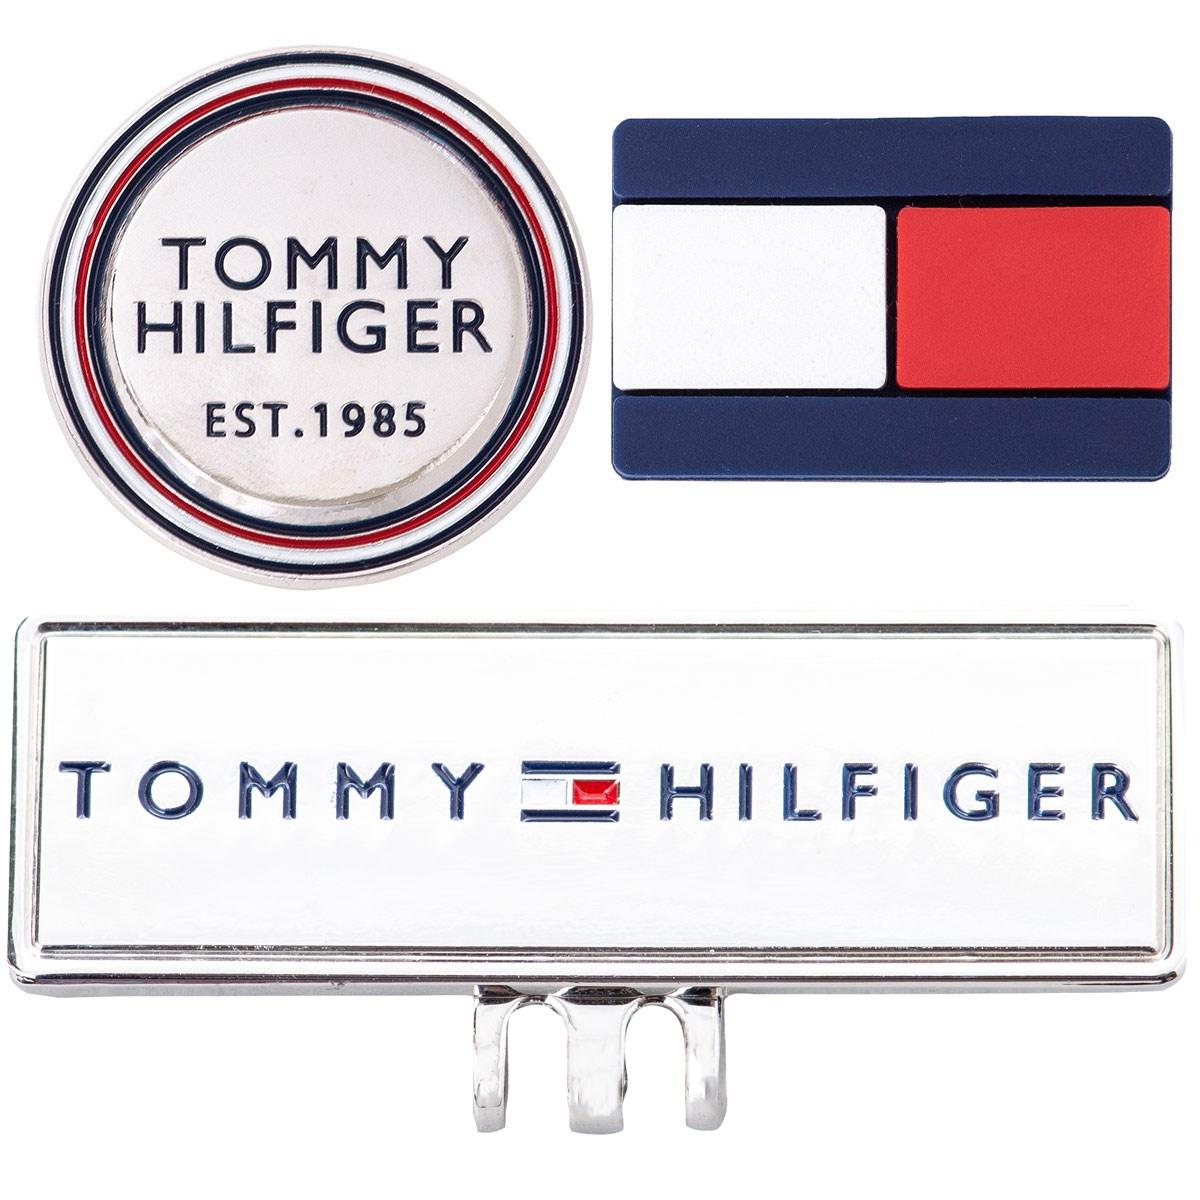 トミー ヒルフィガー ゴルフ TOMMY HILFIGER GOLF マーカーセット トリコロール 90